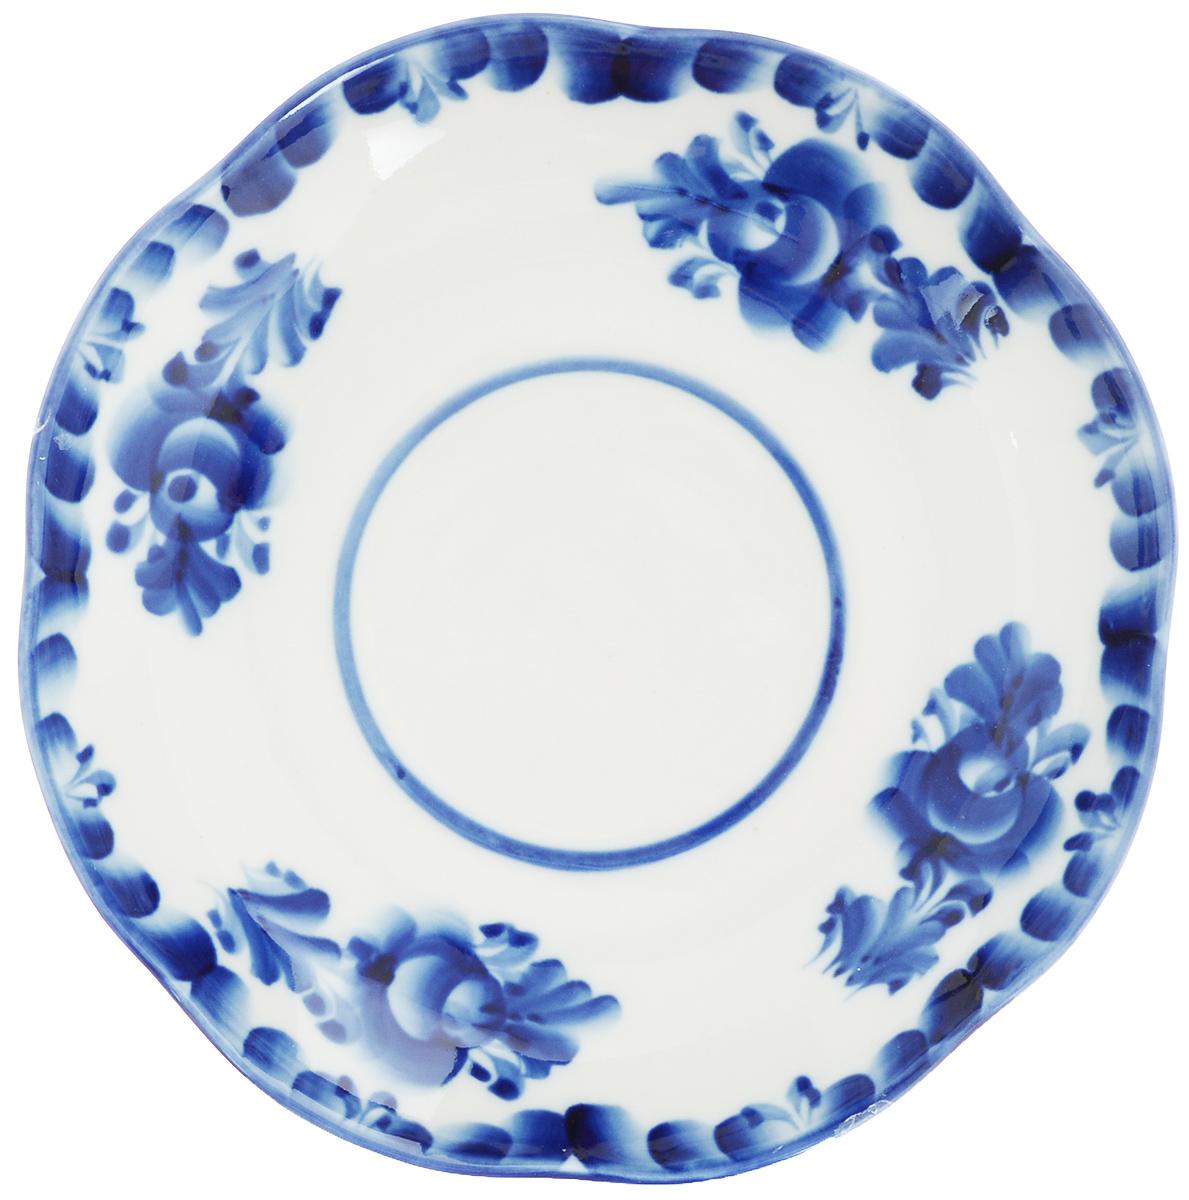 Блюдце Улыбка, диаметр 17,5 см. 993016901993016901Блюдце Улыбка, изготовленное из высококачественной керамики, предназначено для красивой сервировки стола. Блюдце оформлено оригинальной гжельской росписью. Прекрасный дизайн изделия идеально подойдет для сервировки стола. Обращаем ваше внимание, что роспись на изделиях выполнена вручную. Рисунок может немного отличаться от изображения на фотографии. Диаметр: 17,5 см. Высота блюдца: 3 см.